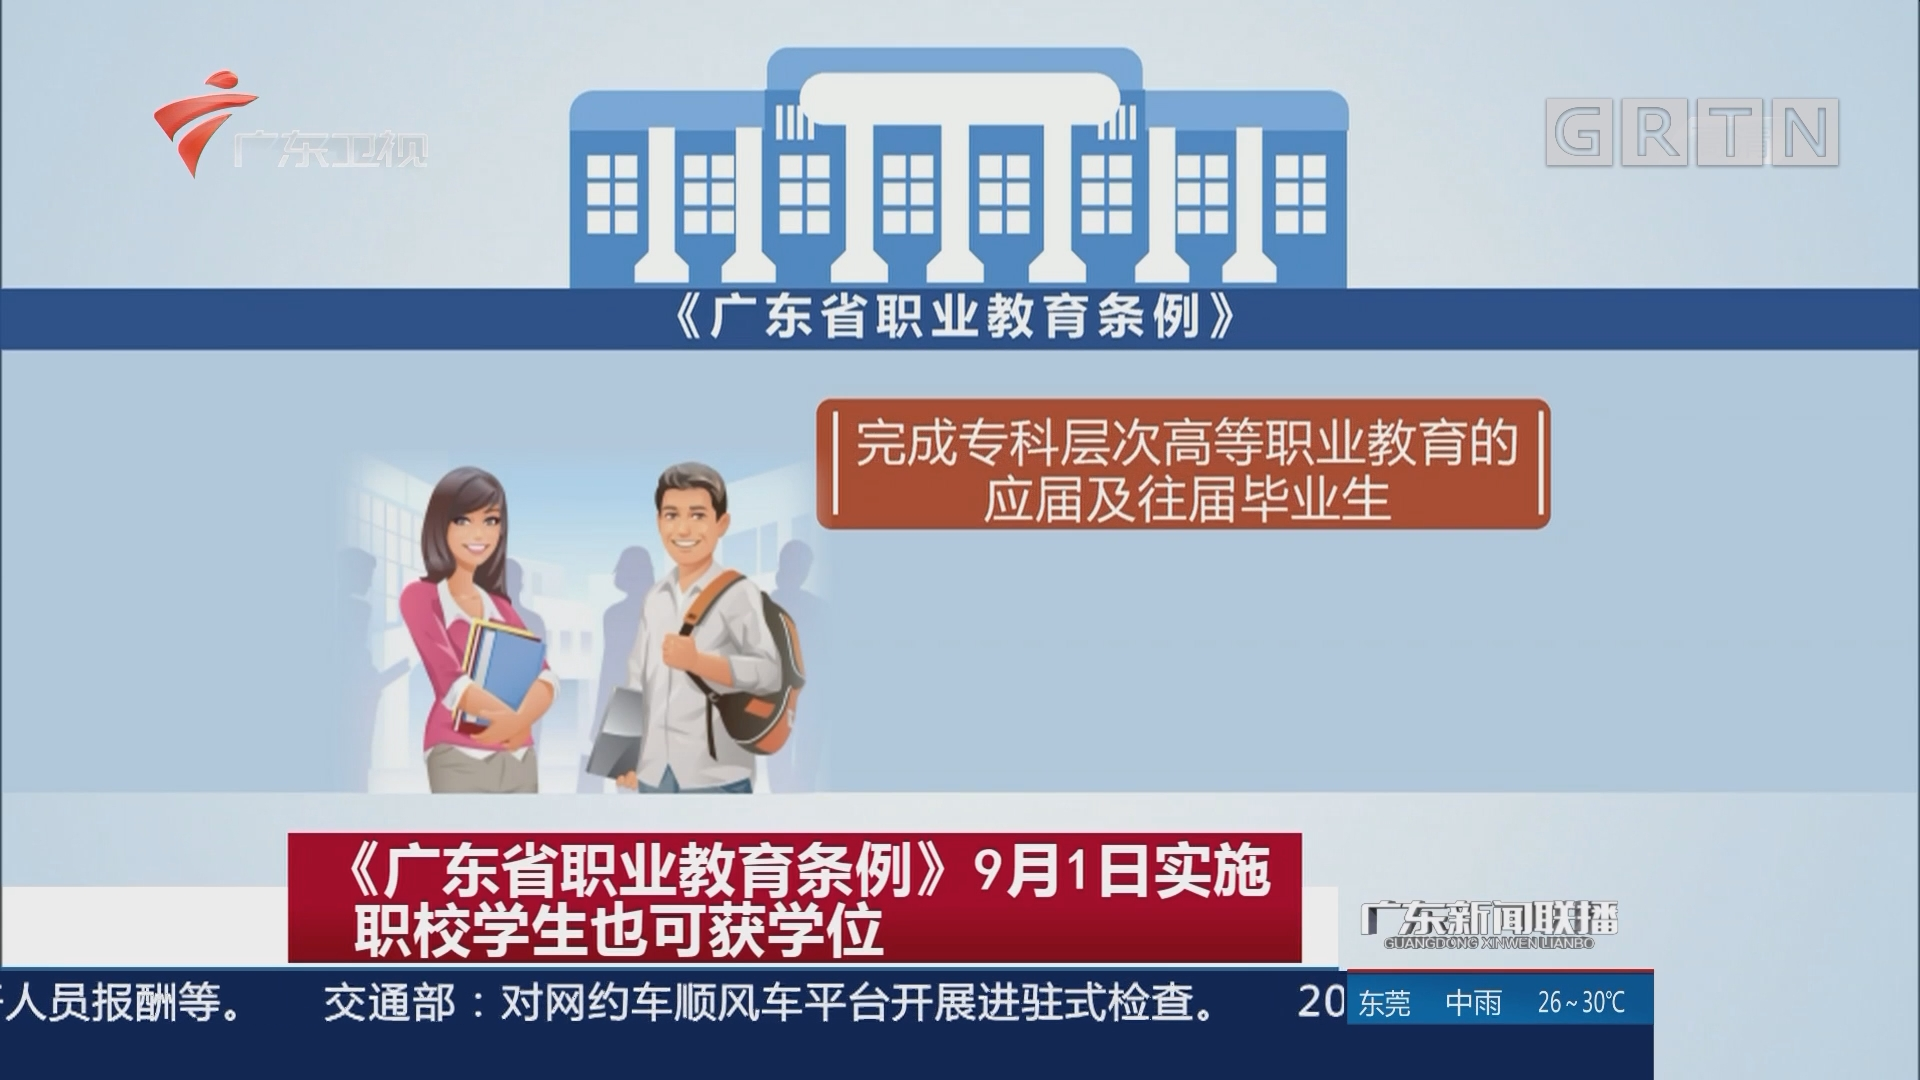 《广东省职业教育条例》9月1日实施 职校学生也可获学位